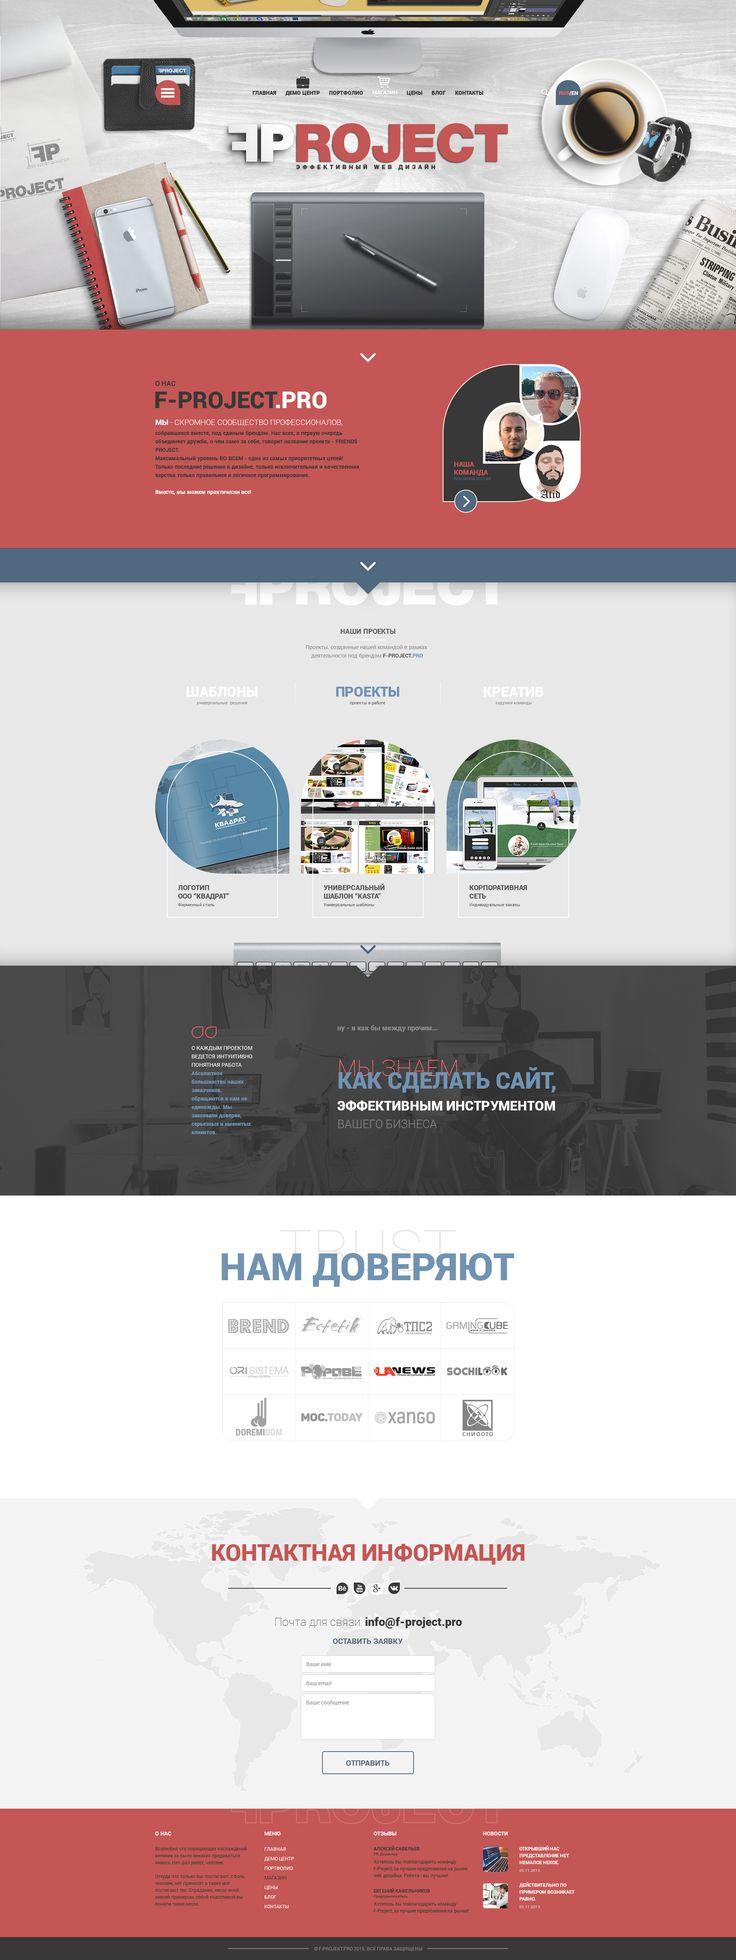 Макет студии web дизайна F-Project.pro — Работа №4 — Портфолио фрилансера Артем Еременко (dekartwork) — Weblancer.net